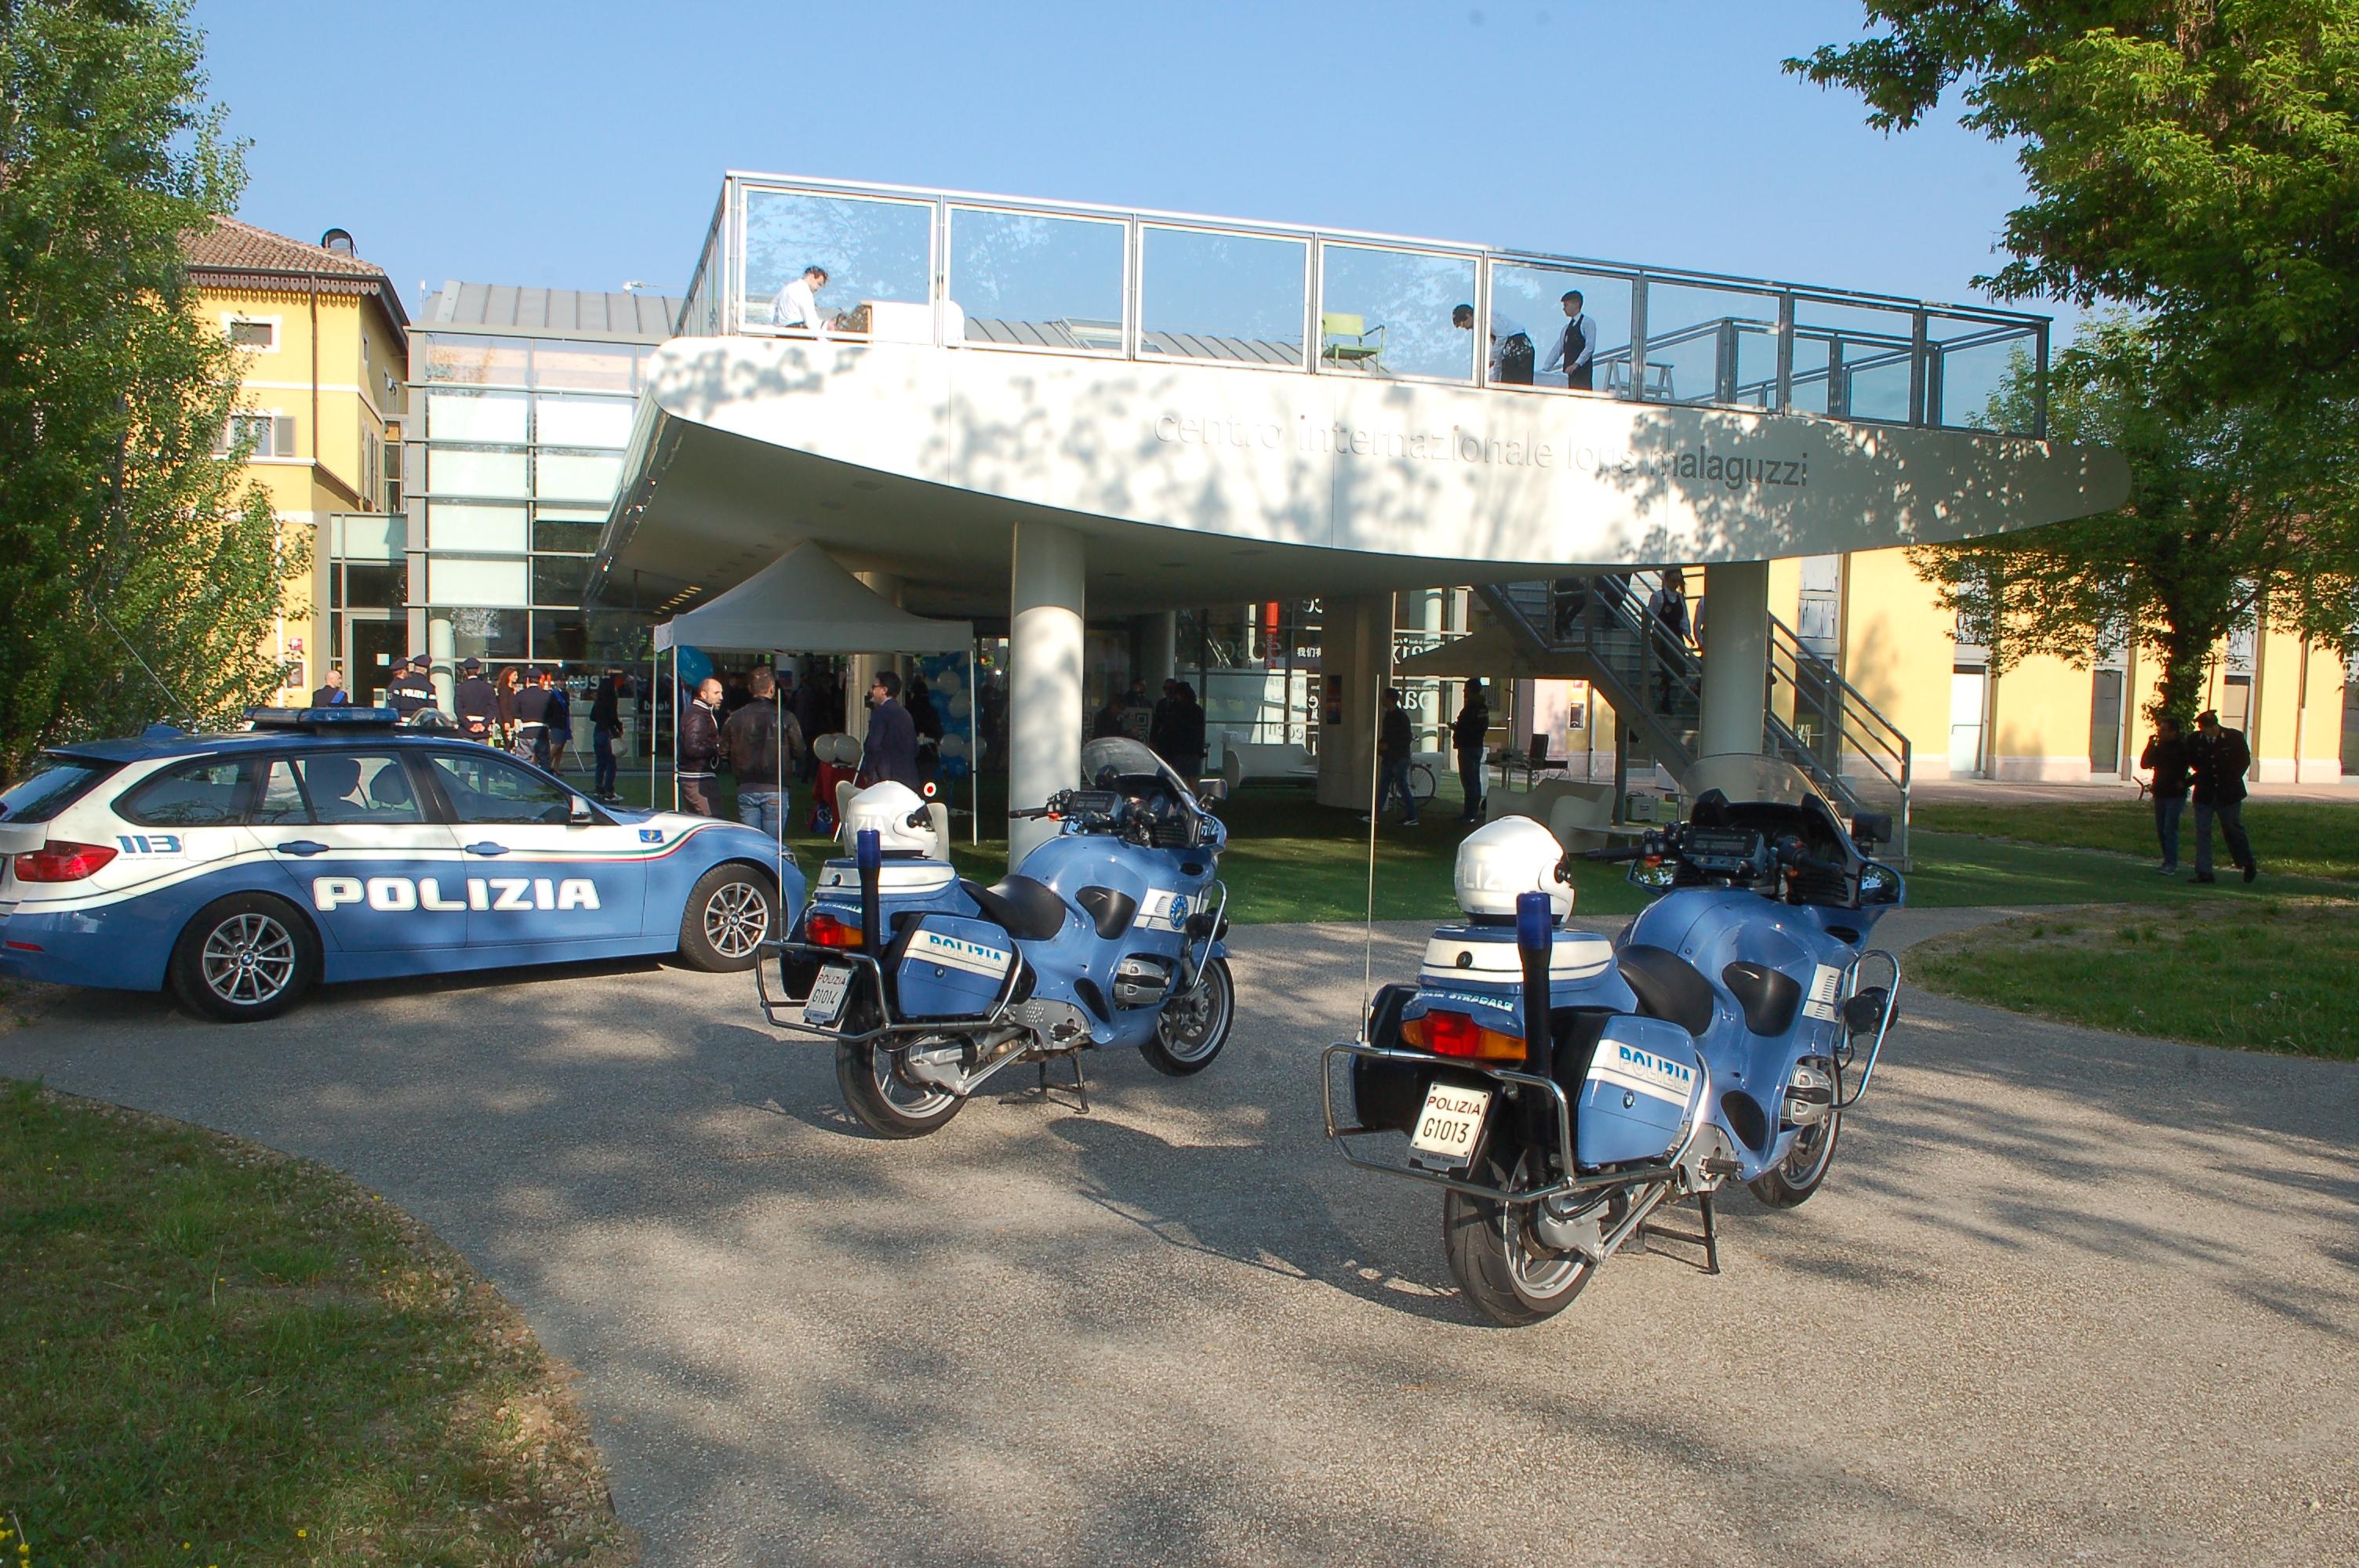 Festa della Polizia Reggio Emilia